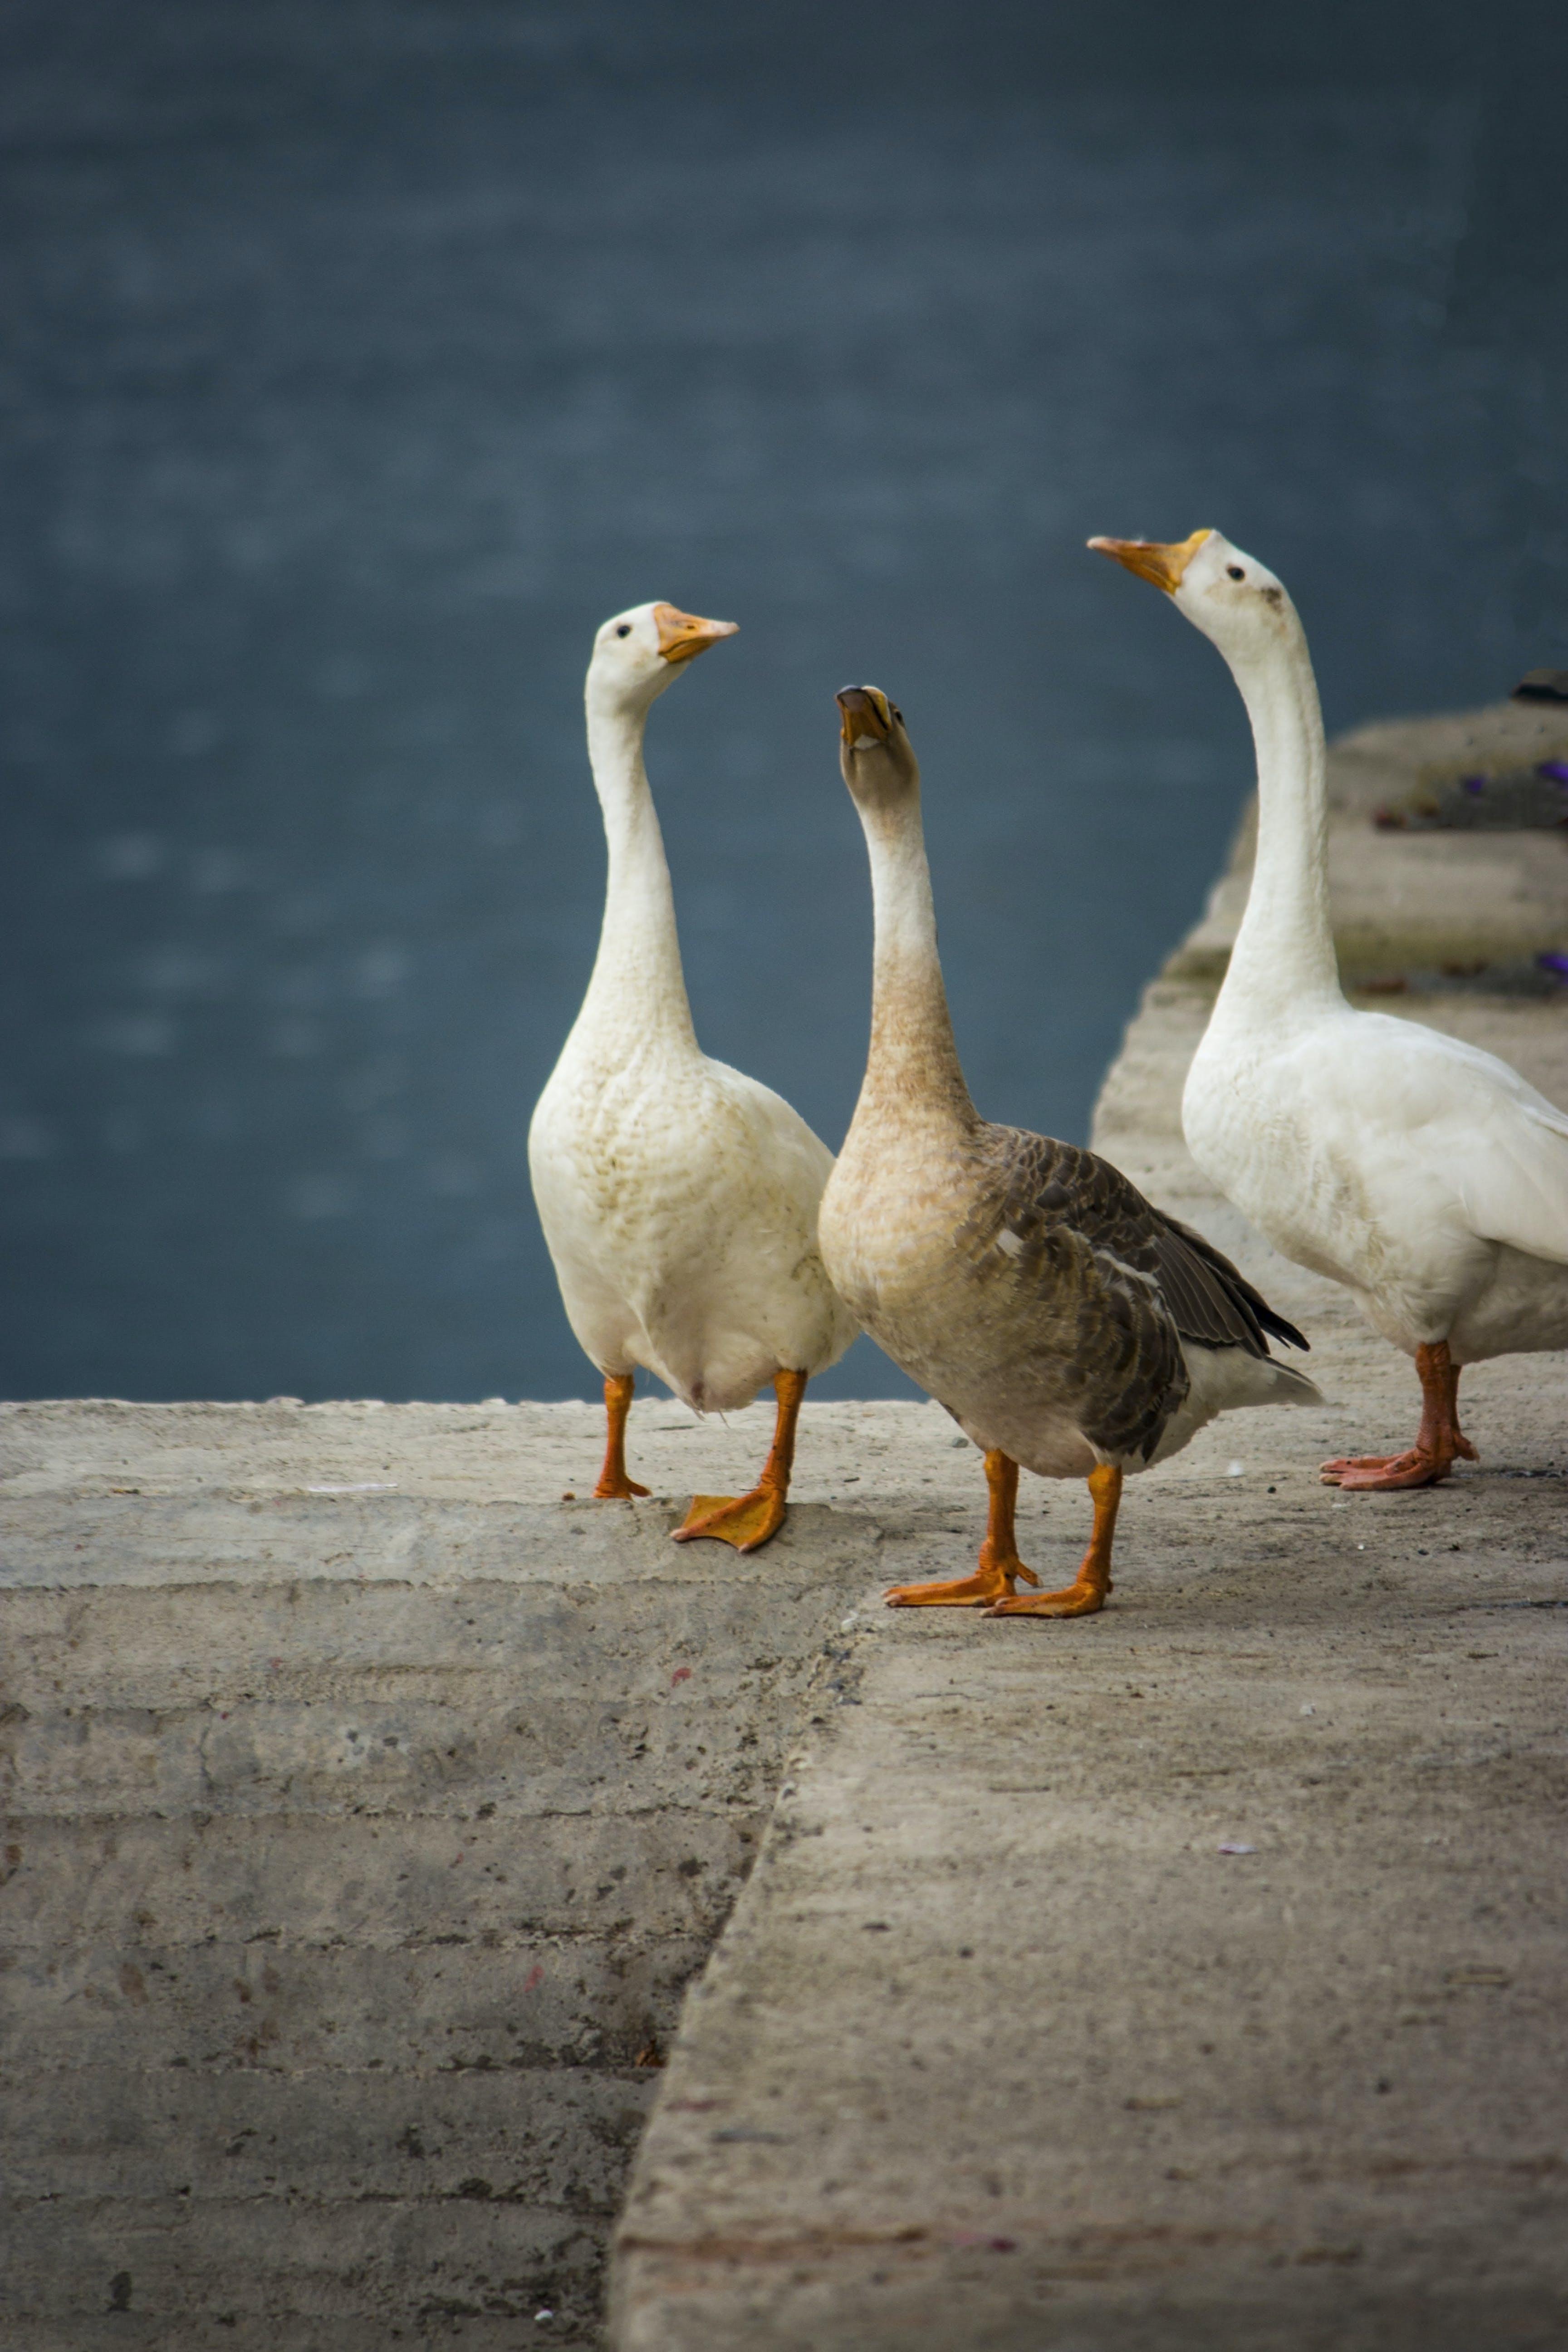 Gratis stockfoto met #flying #puppylove #howdoyouhunt #hunters #duckcal, #goose #bird #geese #ducks #wildlife #goosehunting